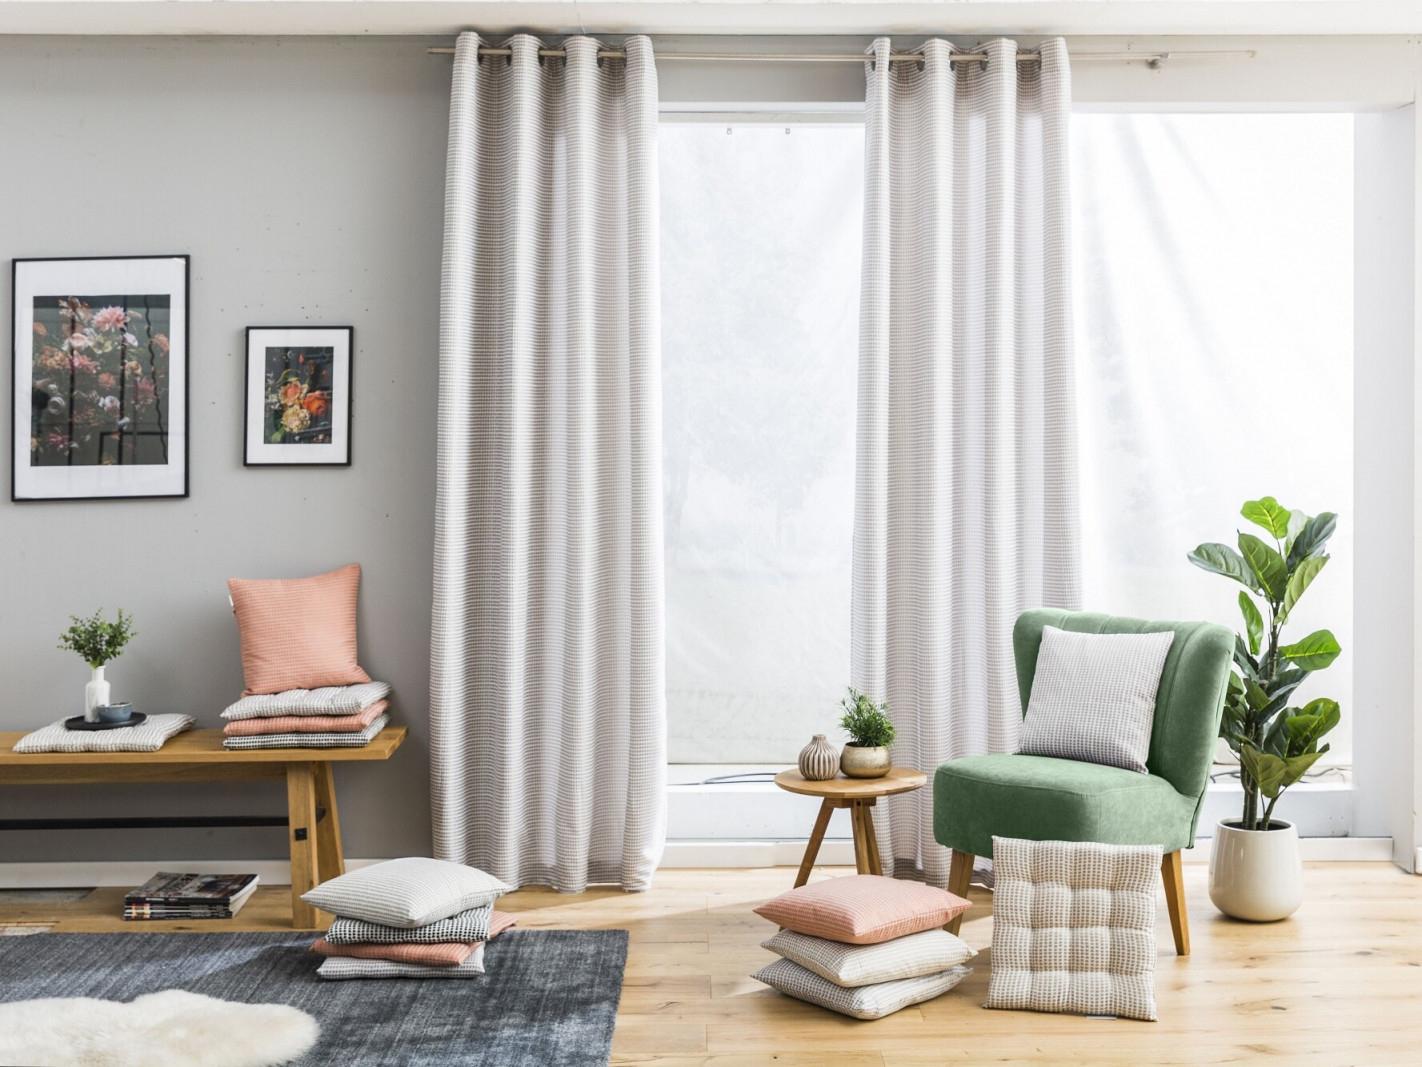 Tipps Rund Um Ihre Gardinen Und Vorhänge von Halbe Gardinen Wohnzimmer Bild